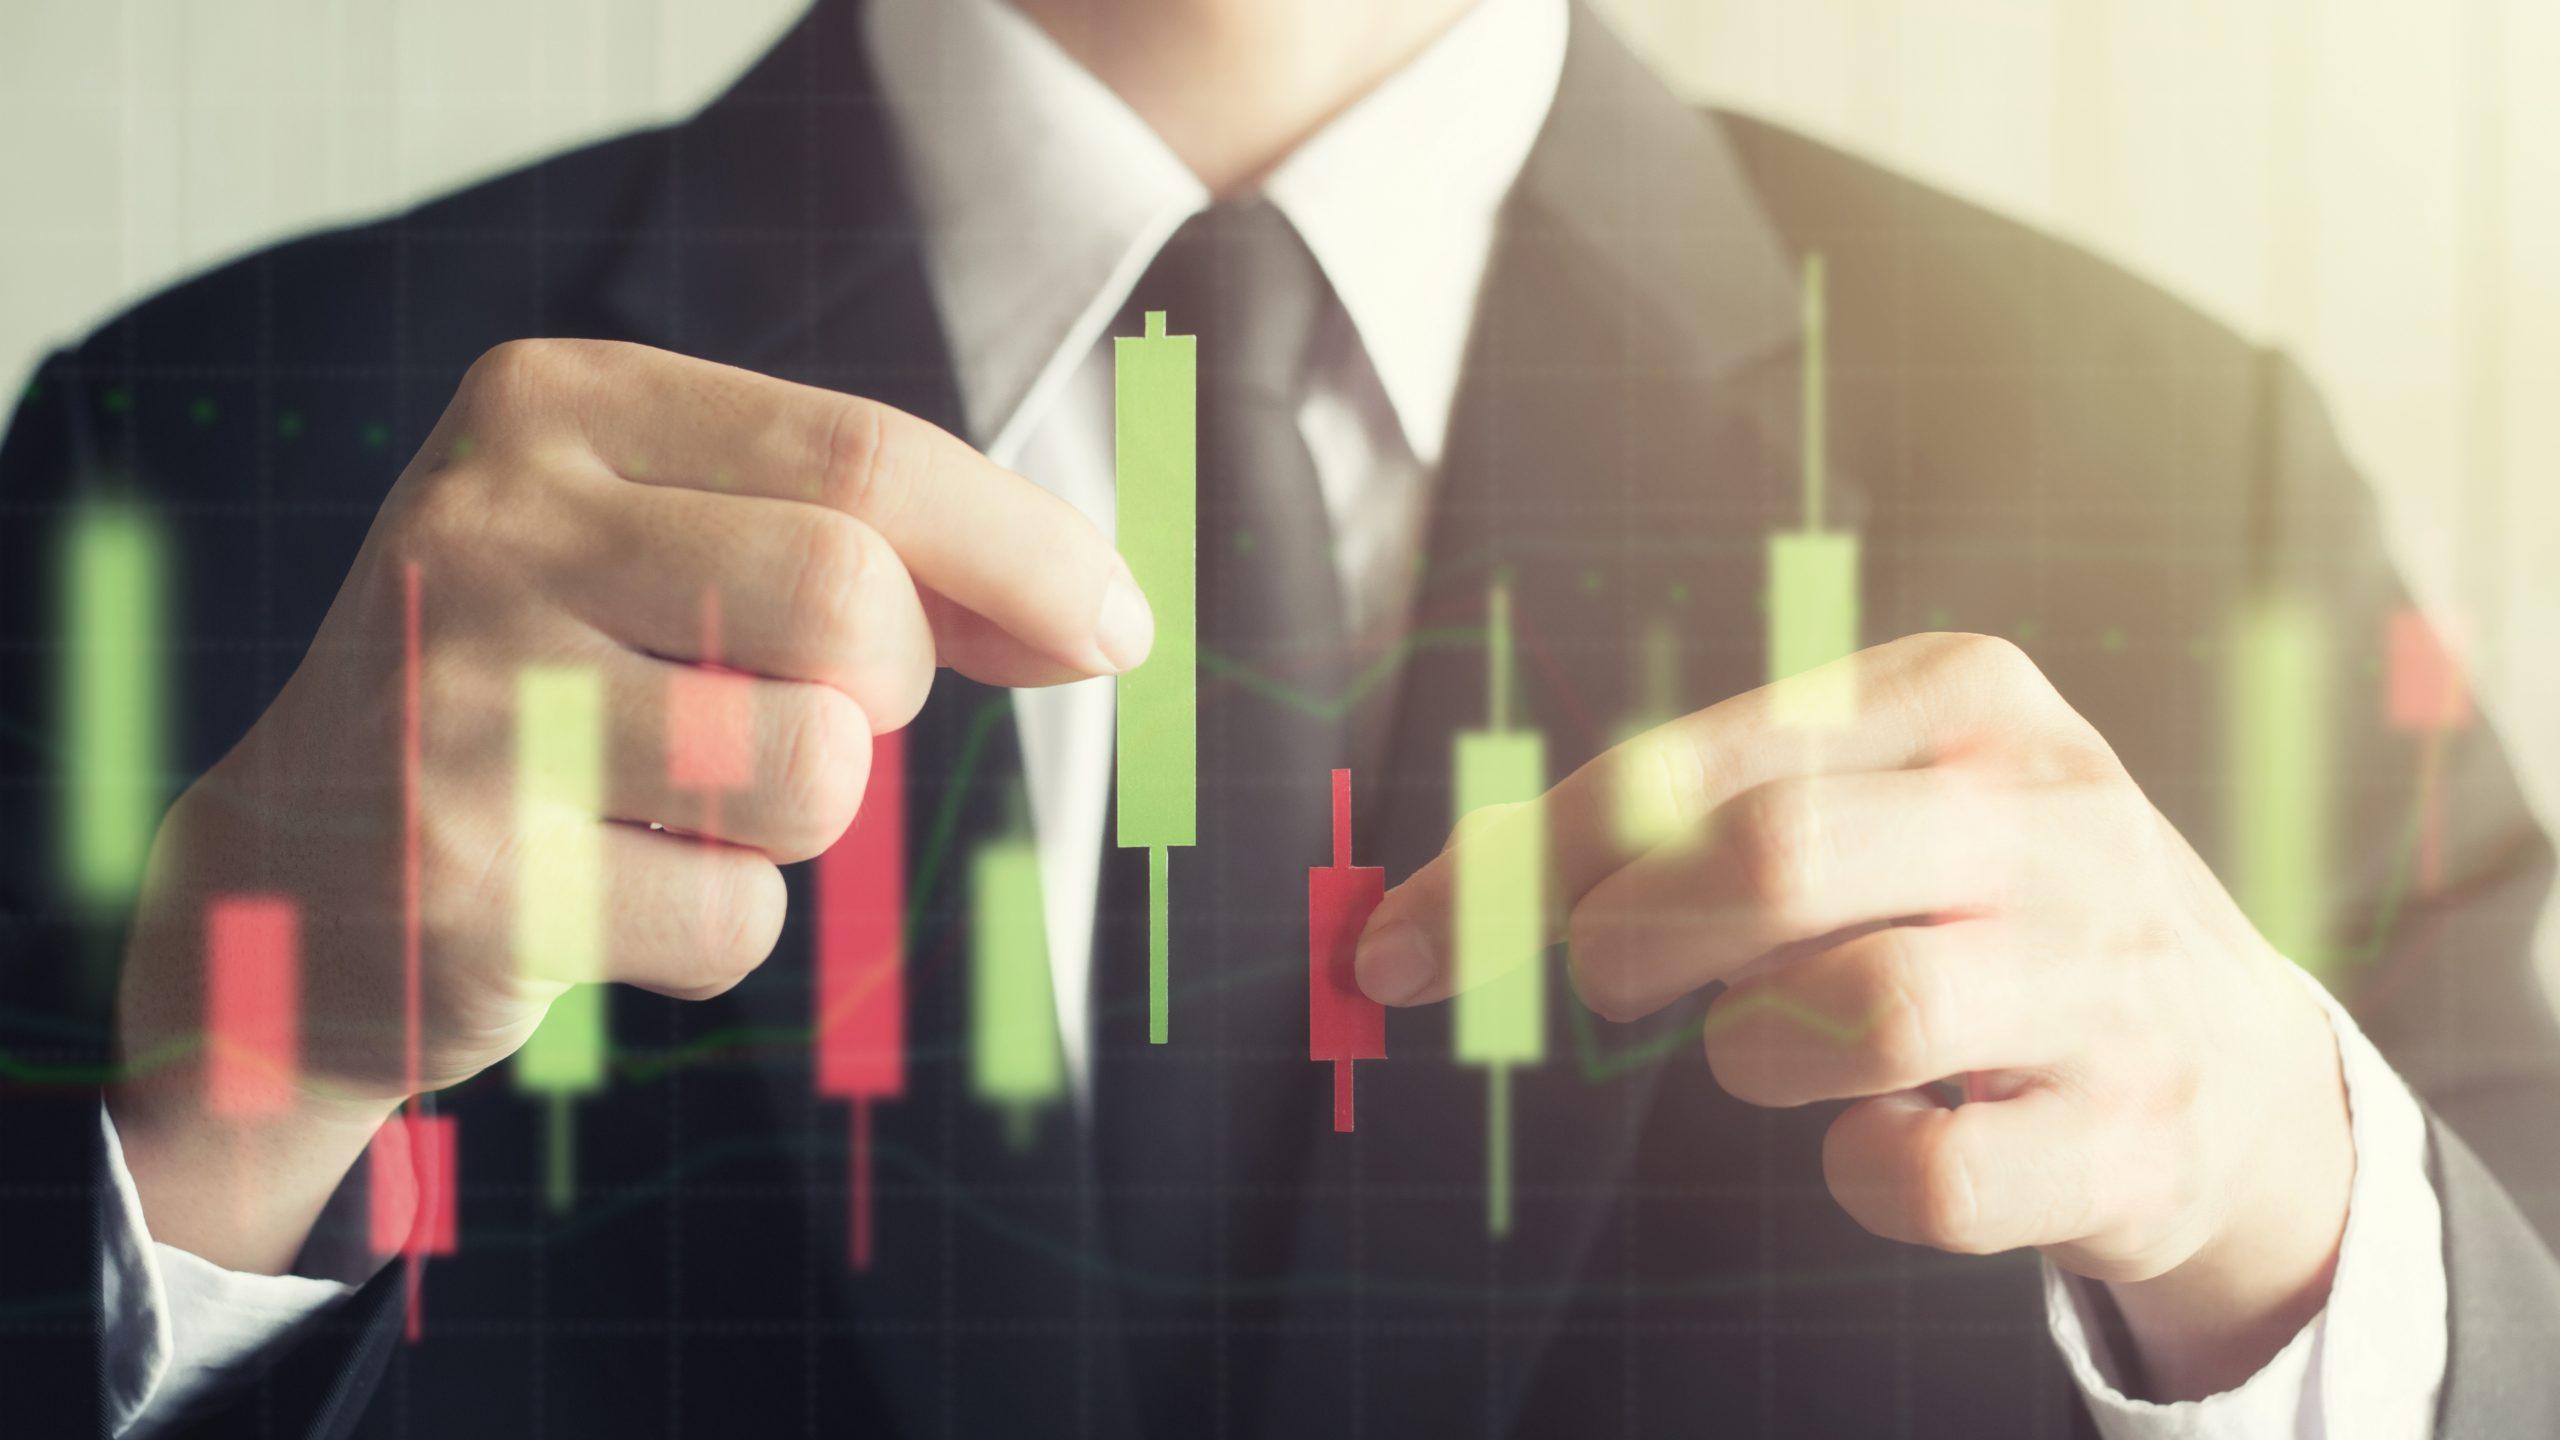 bitcoin btc fiyat analizi toparlanma gosteriyor onemli seviyeler neler